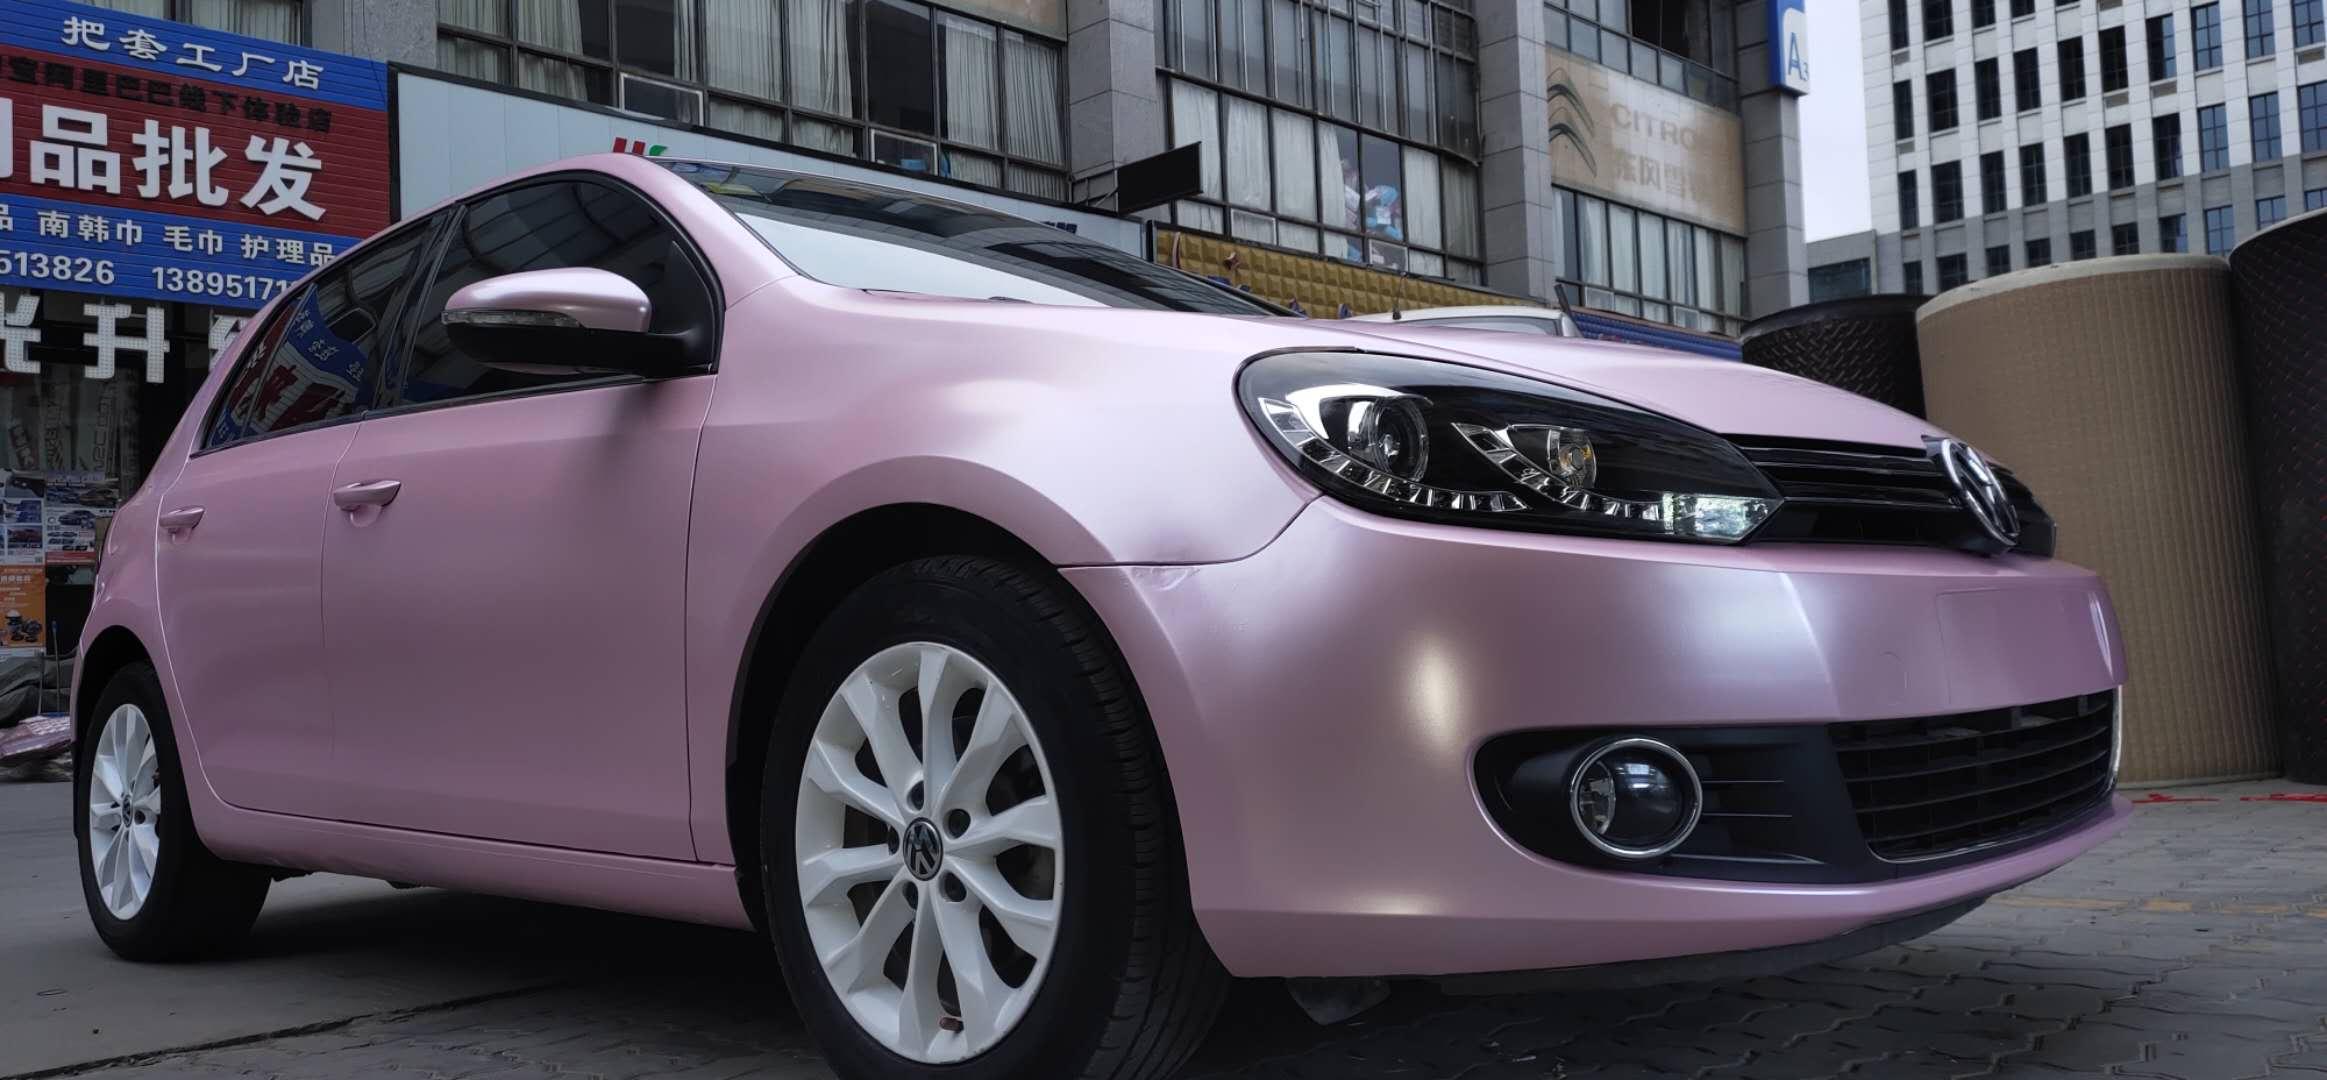 银川汽车改造价格_推荐好的汽车装潢服务